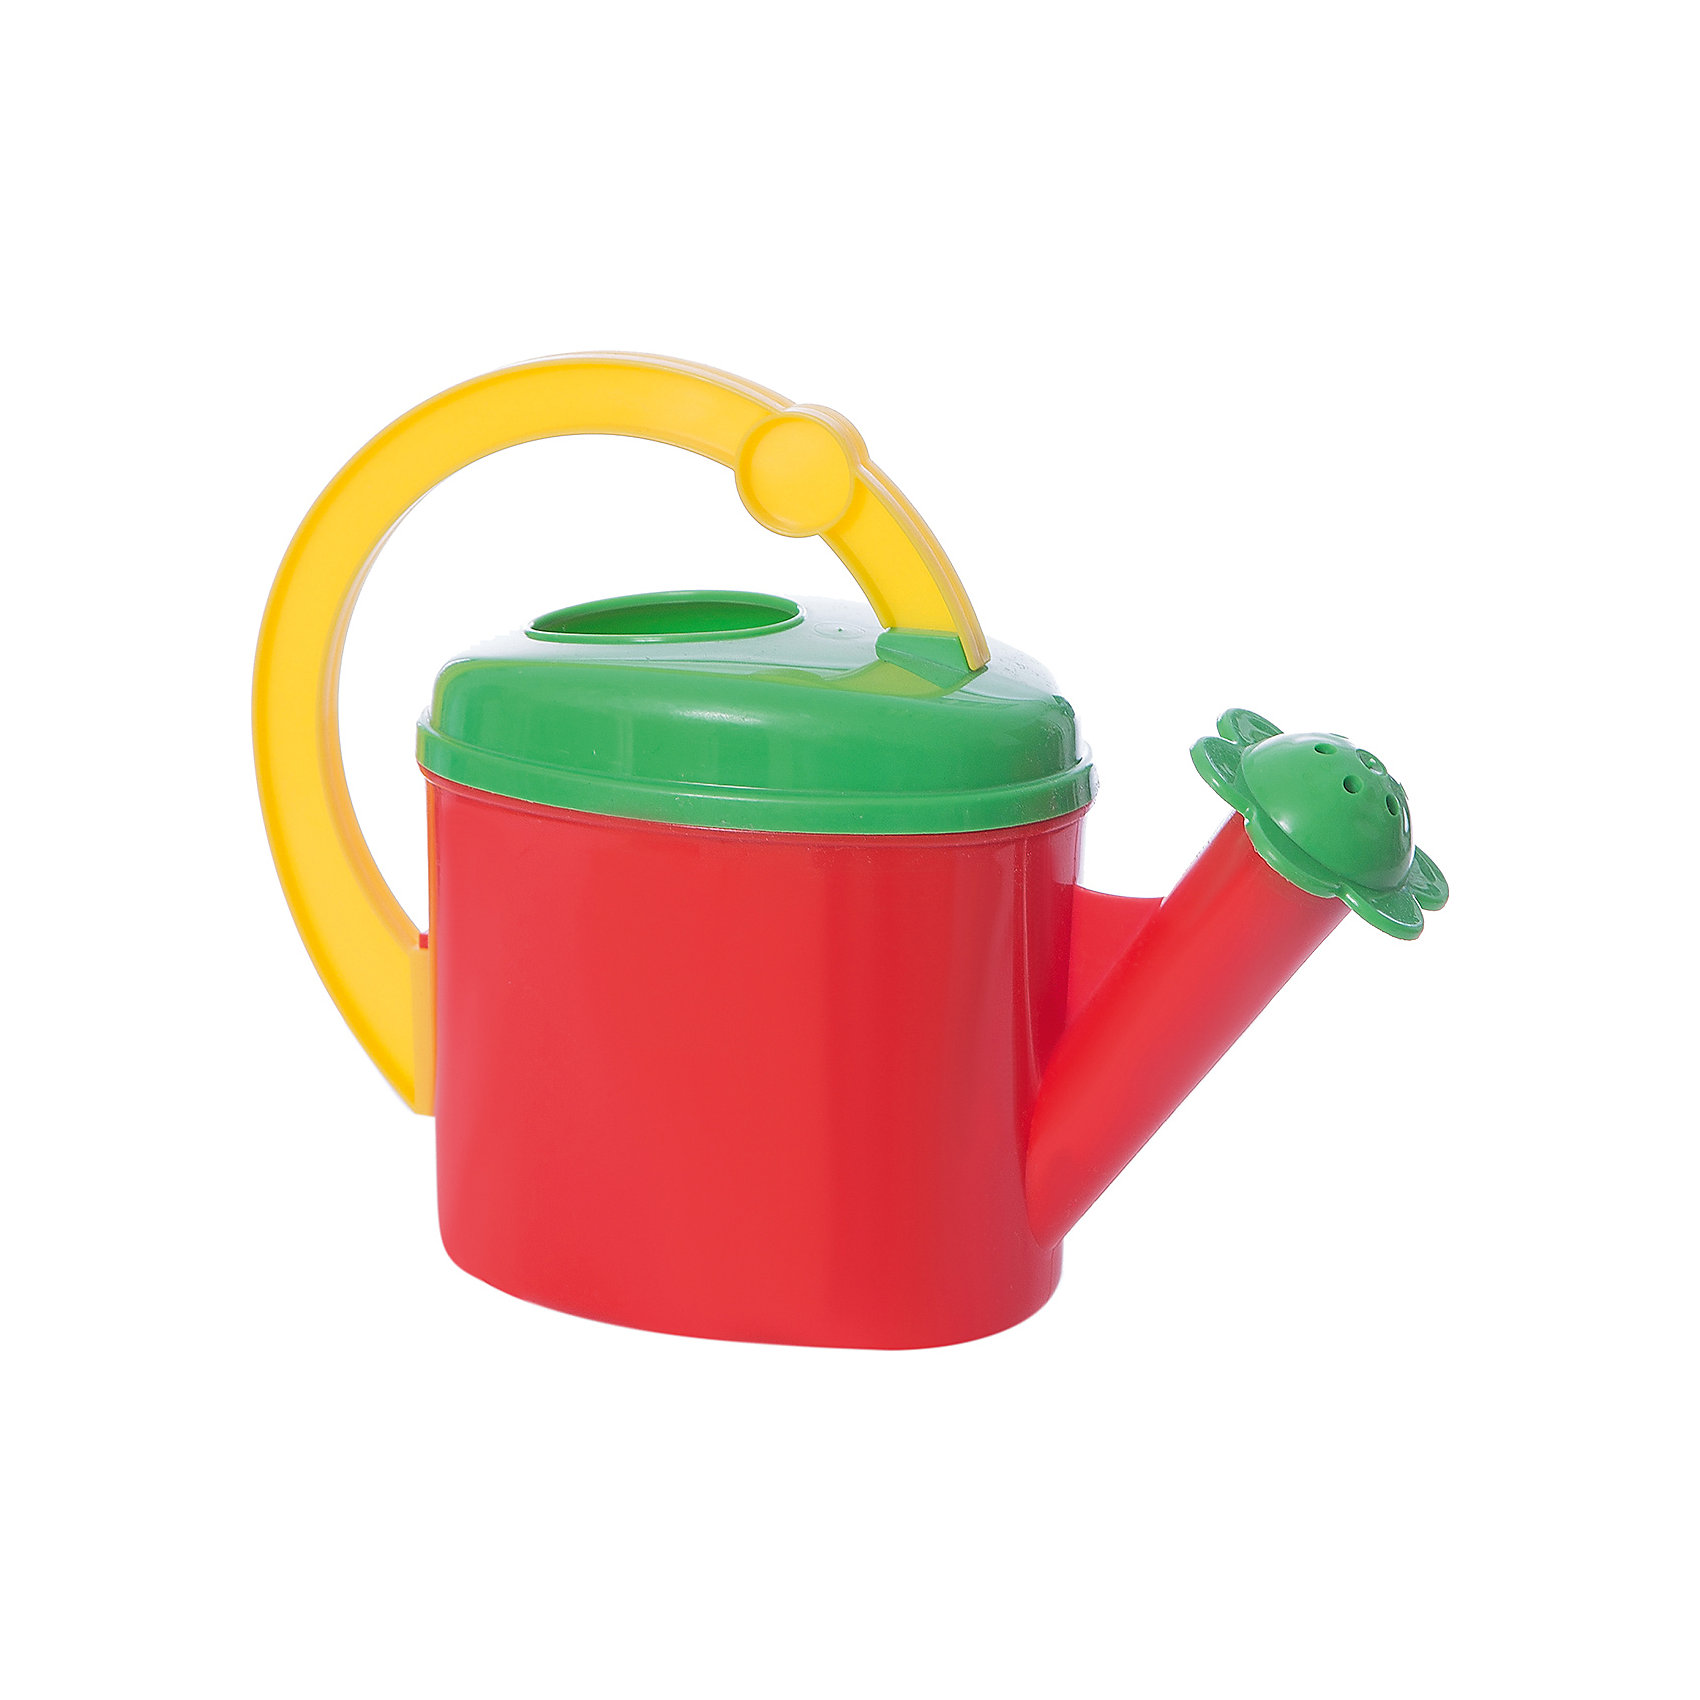 Лейка 0,5 л, СтелларС детской яркой платсмассовой лейкой от Стеллар Ваш малыш научится ухаживать за растениями и будет с огромным удовольствием их поливать. Лейка - незаменимый помощник на даче. Широкий носик выполнен в виде цветка и оснащен рассеивателем.<br><br>Дополнительная информация:<br><br>- Объем лейки: 0,5 литра.<br>- Материал: полипропилен.<br>- Размер: 100 x 190 x 180 мм.<br>- Цвета: желтый, красный.<br><br>ВНИМАНИЕ! Данный артикул имеется в наличии в разных цветовых исполнениях. К сожалению, заранее выбрать определенный цвет невозможно. При заказе нескольких позиций возможно получение одинаковых.<br><br>Ширина мм: 100<br>Глубина мм: 190<br>Высота мм: 180<br>Вес г: 100<br>Возраст от месяцев: 36<br>Возраст до месяцев: 84<br>Пол: Унисекс<br>Возраст: Детский<br>SKU: 3167079